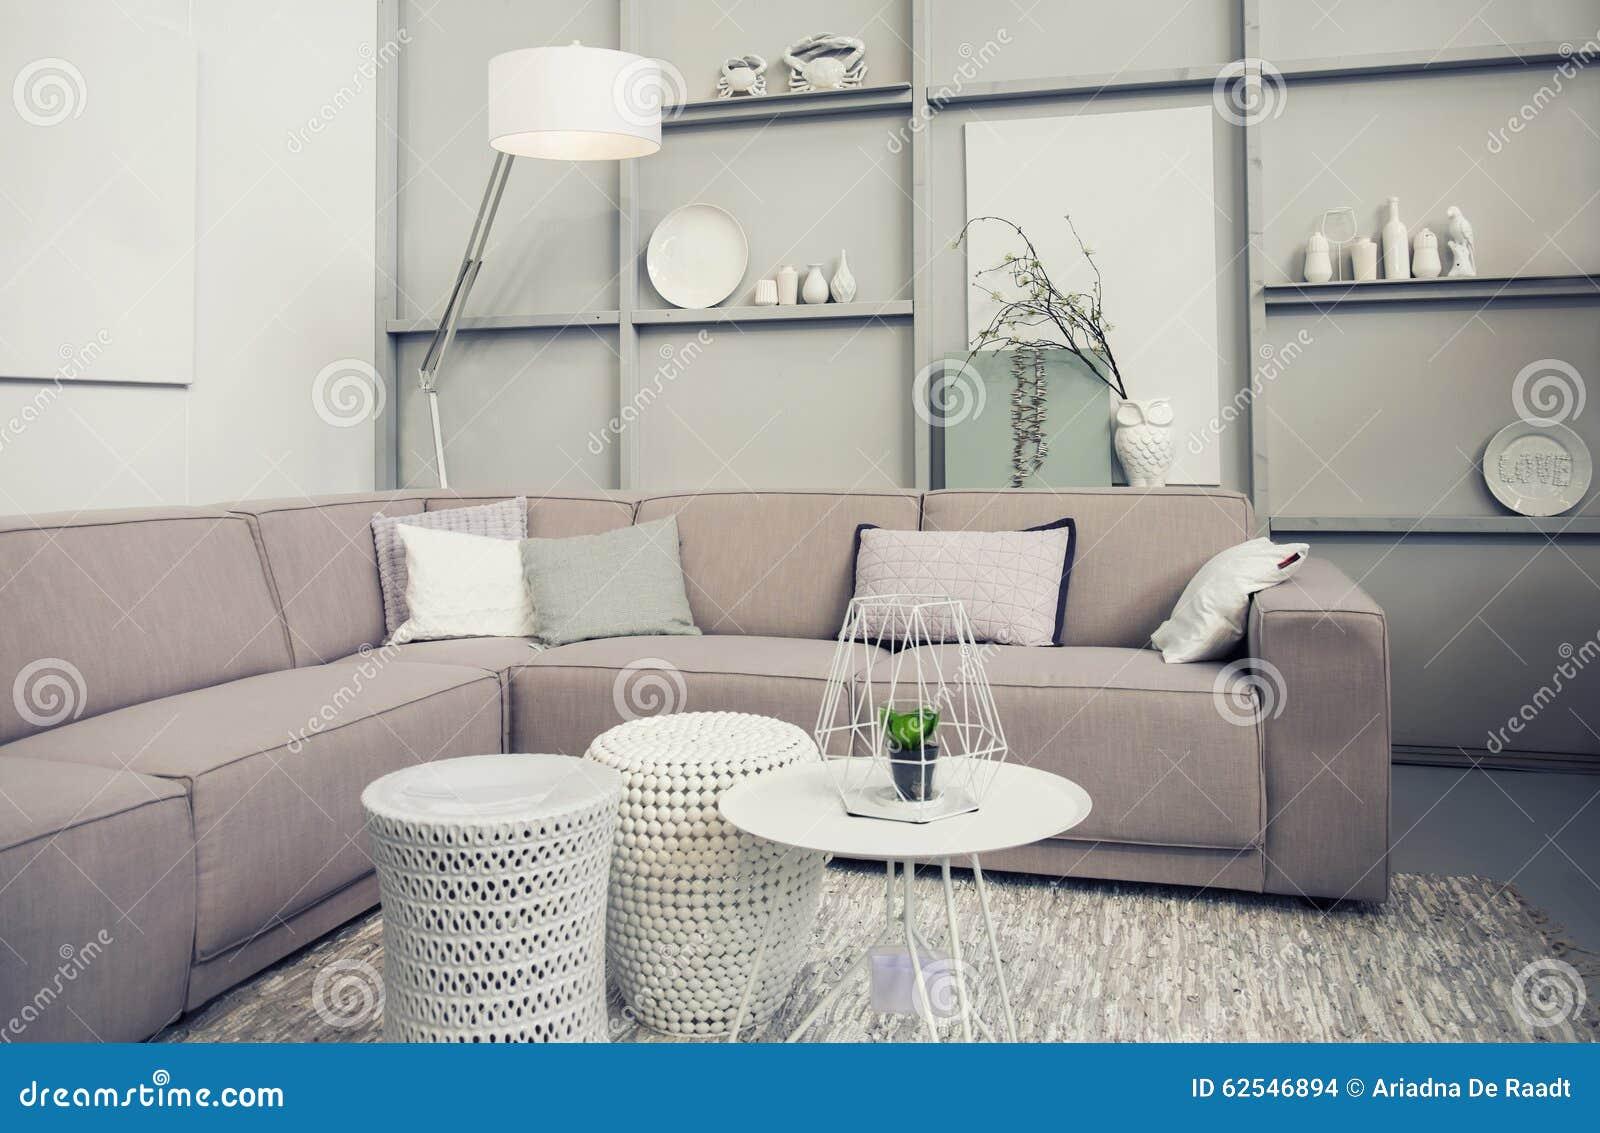 Vardagsrum Retro : Stilfull retro vardagsrum arkivfoto bild